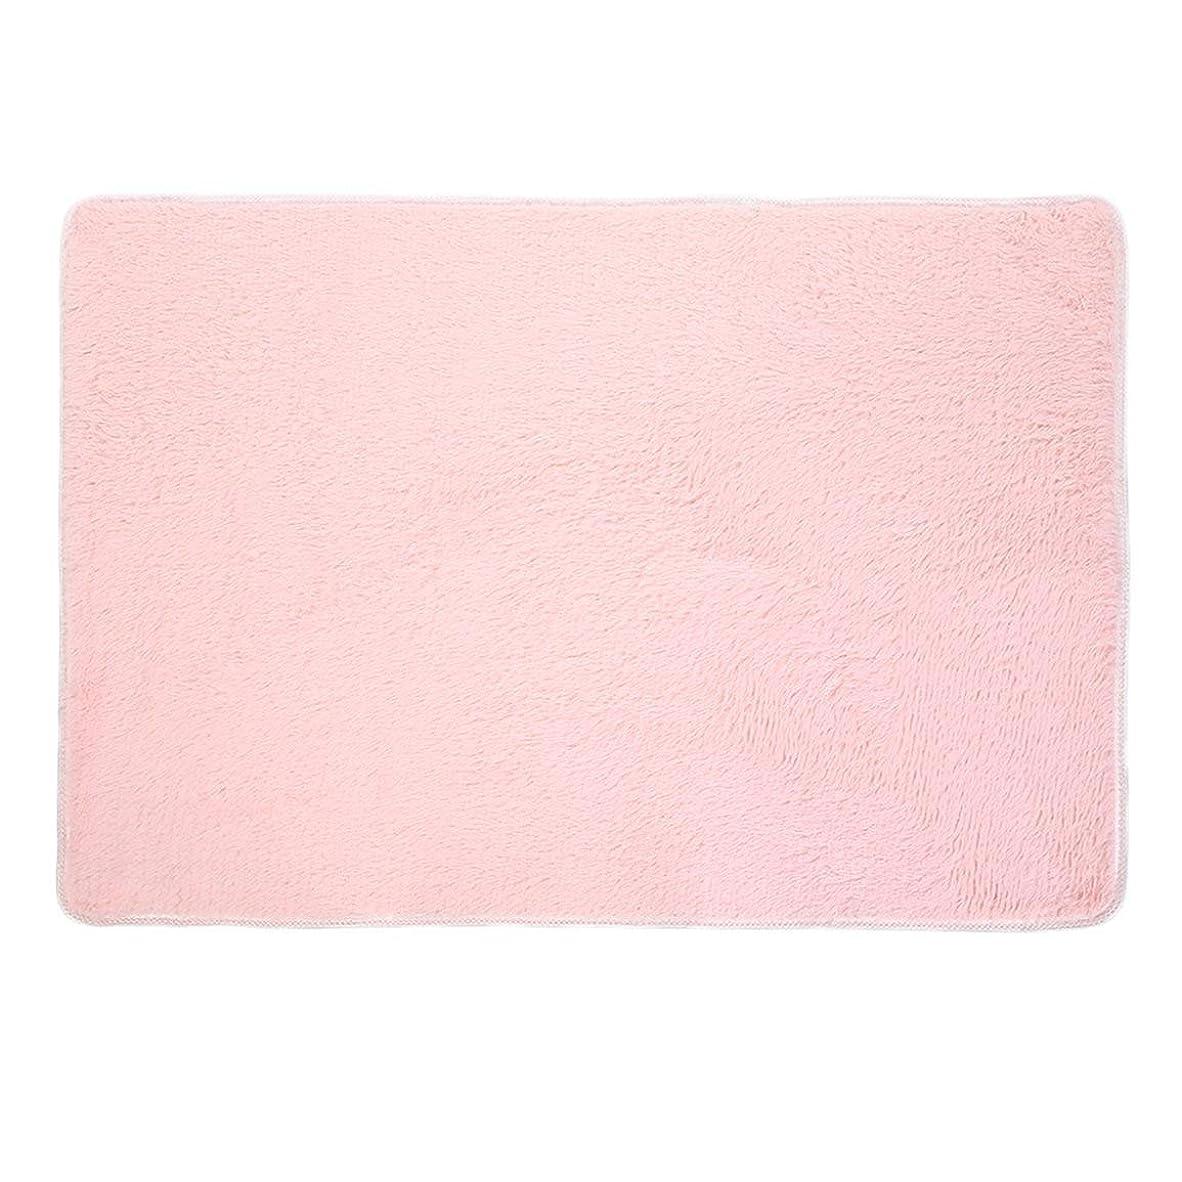 ミシン文句を言う多分ふわふわの敷物の家の居間の寝室のカーペットの滑り止めの毛むくじゃらの区域の敷物の床のマット極度の柔らかい屋内滑らかな床の敷物160x230cm-ピンク